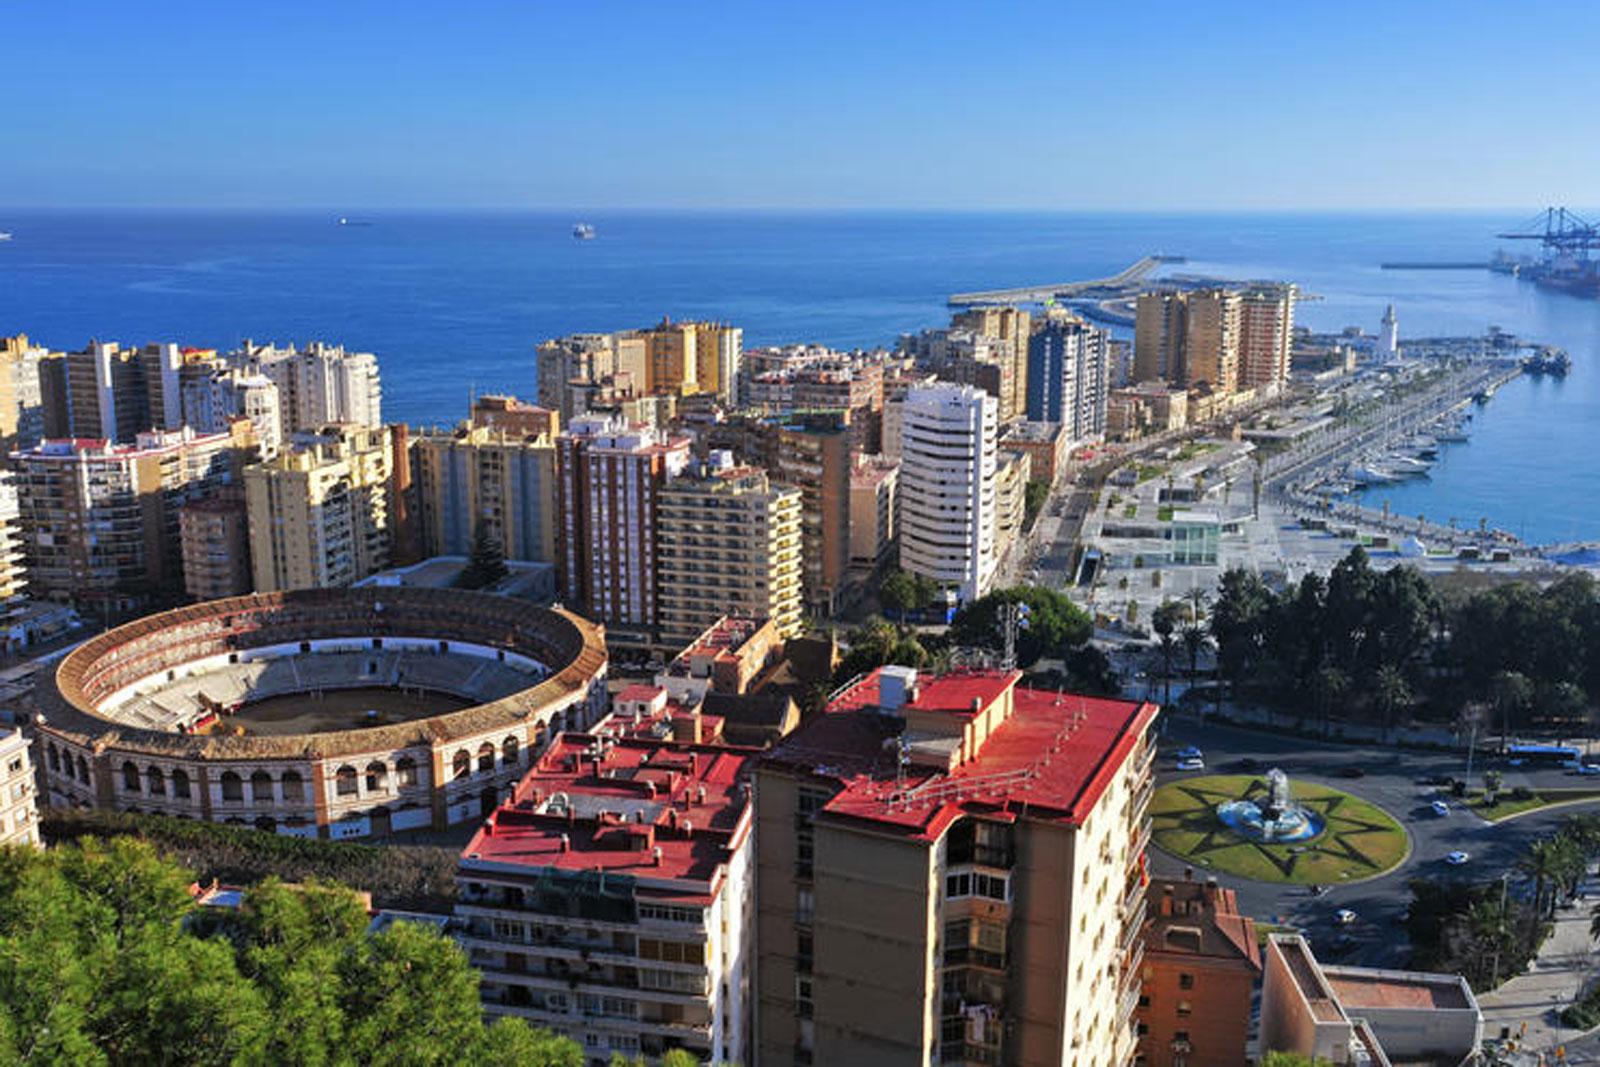 Boat Trips to Malaga